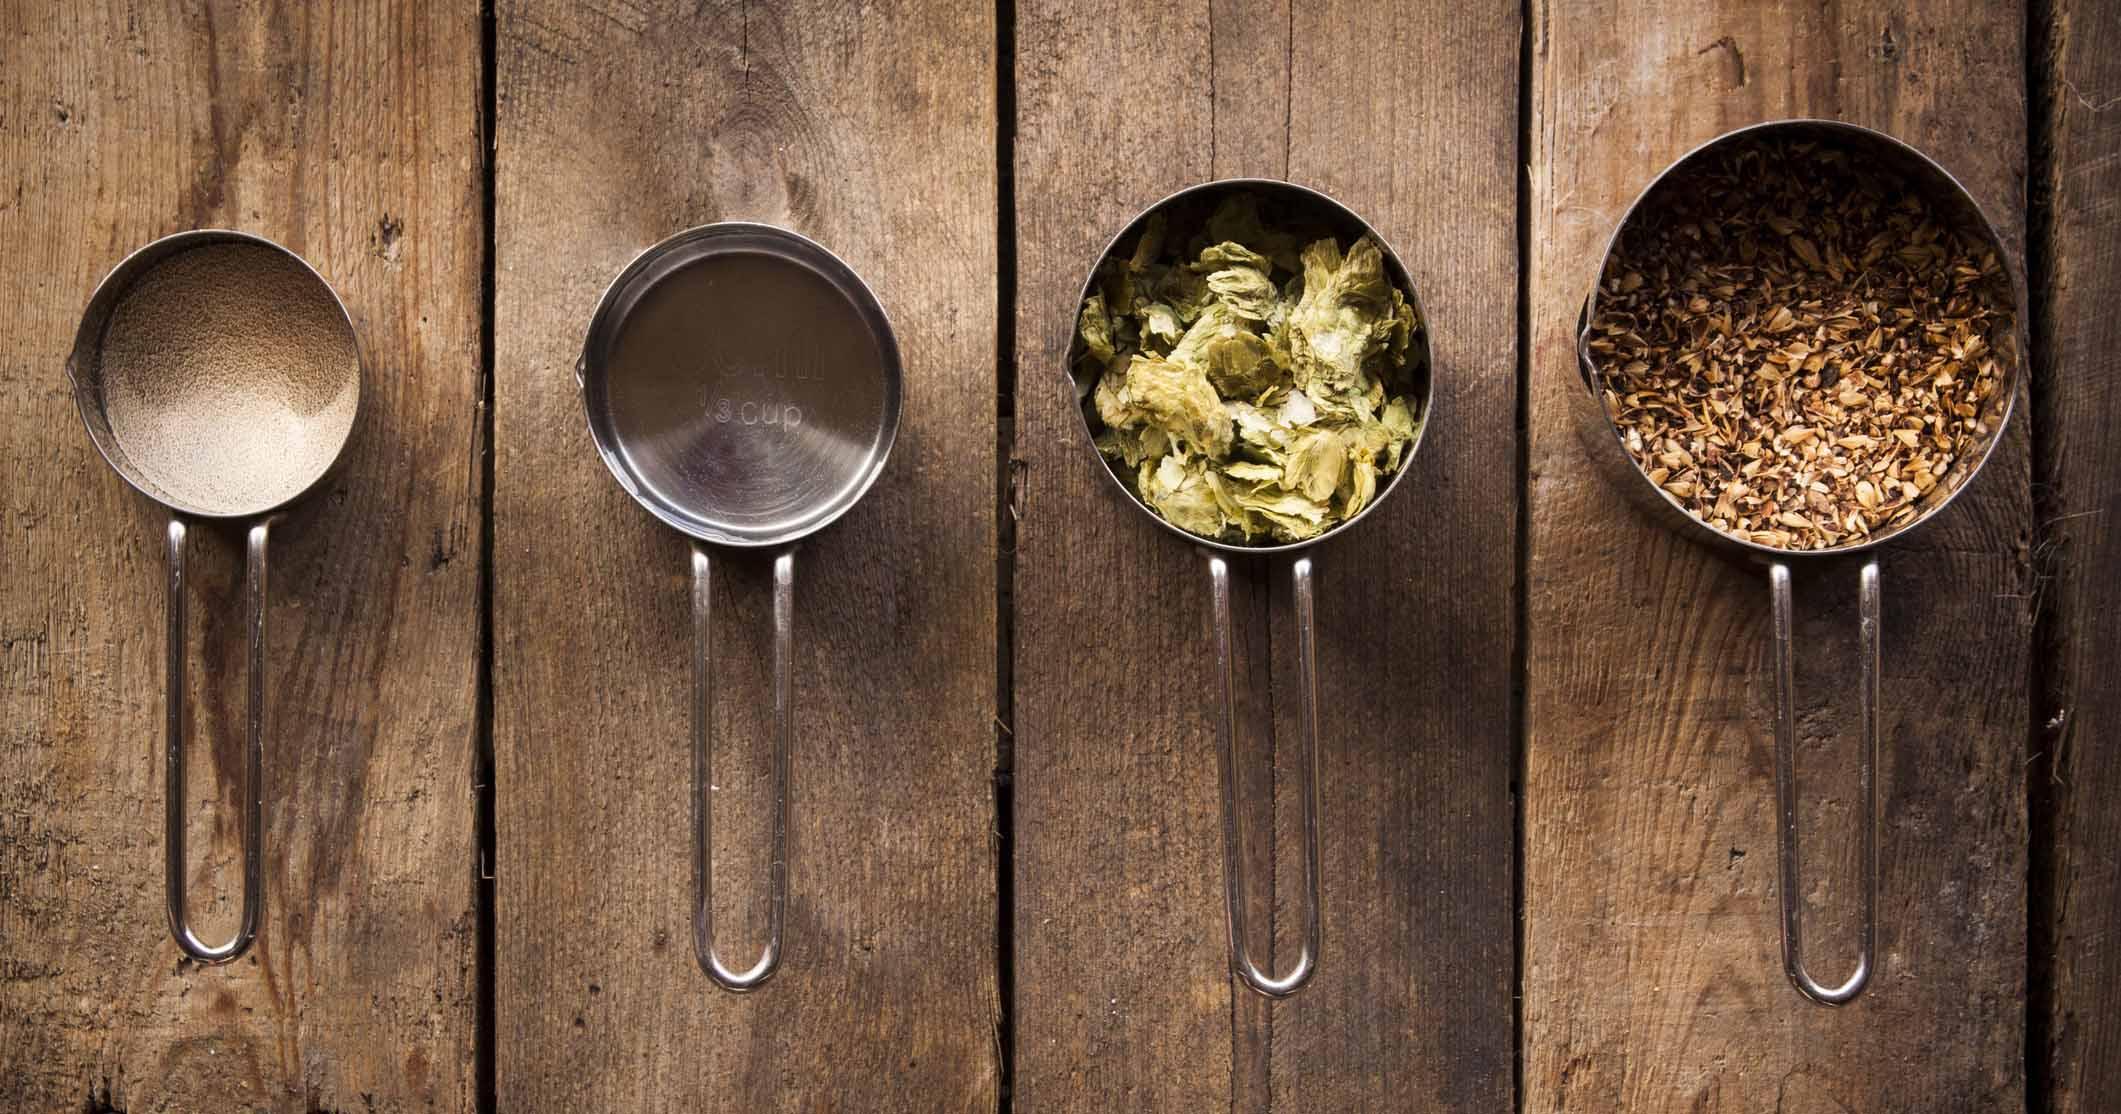 Рецепт пива из хмеля для домашнего приготовления